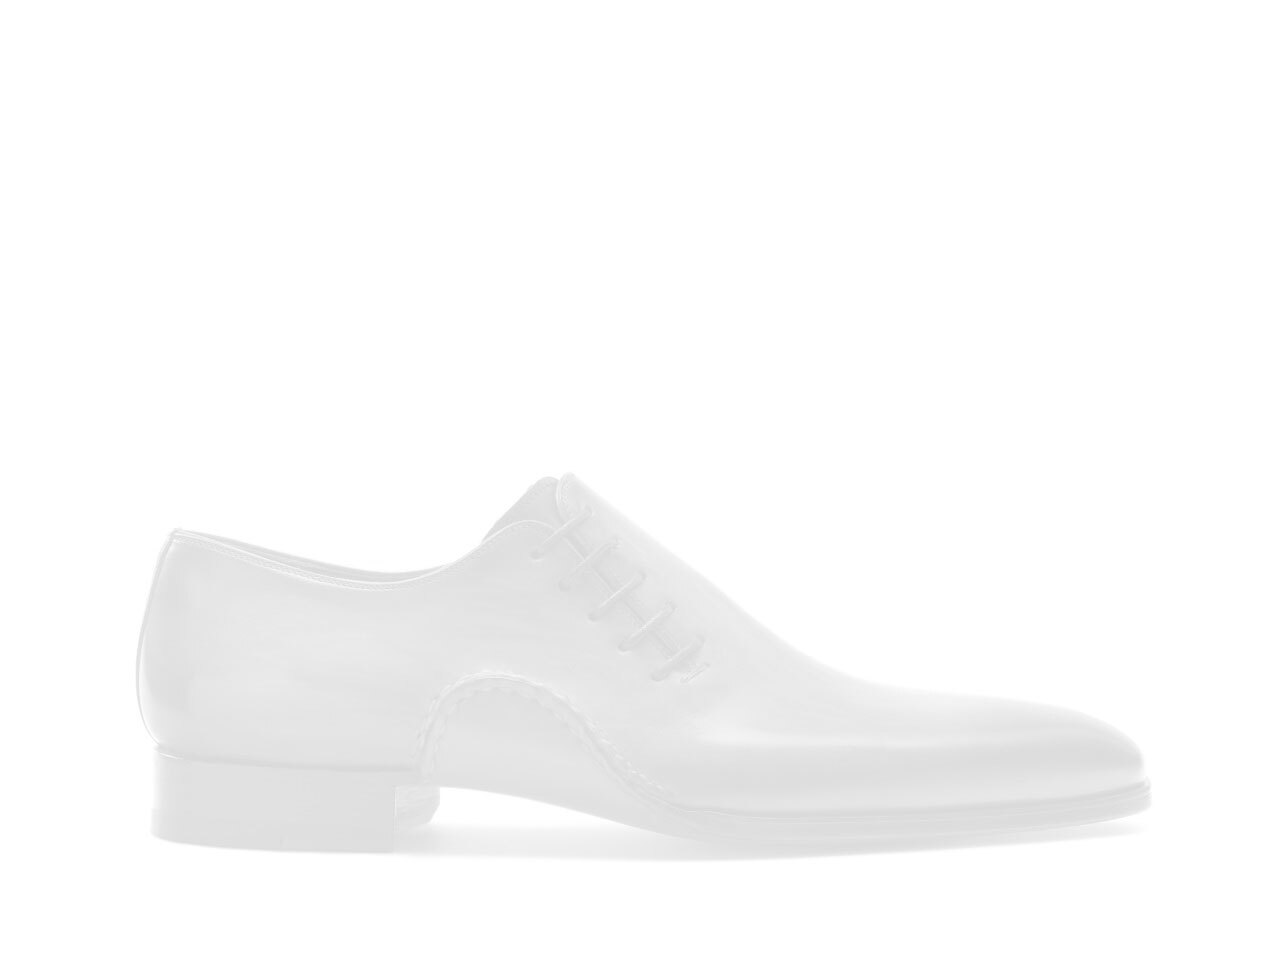 Pair of the Magnanni Ecija Black Men's Sneakers